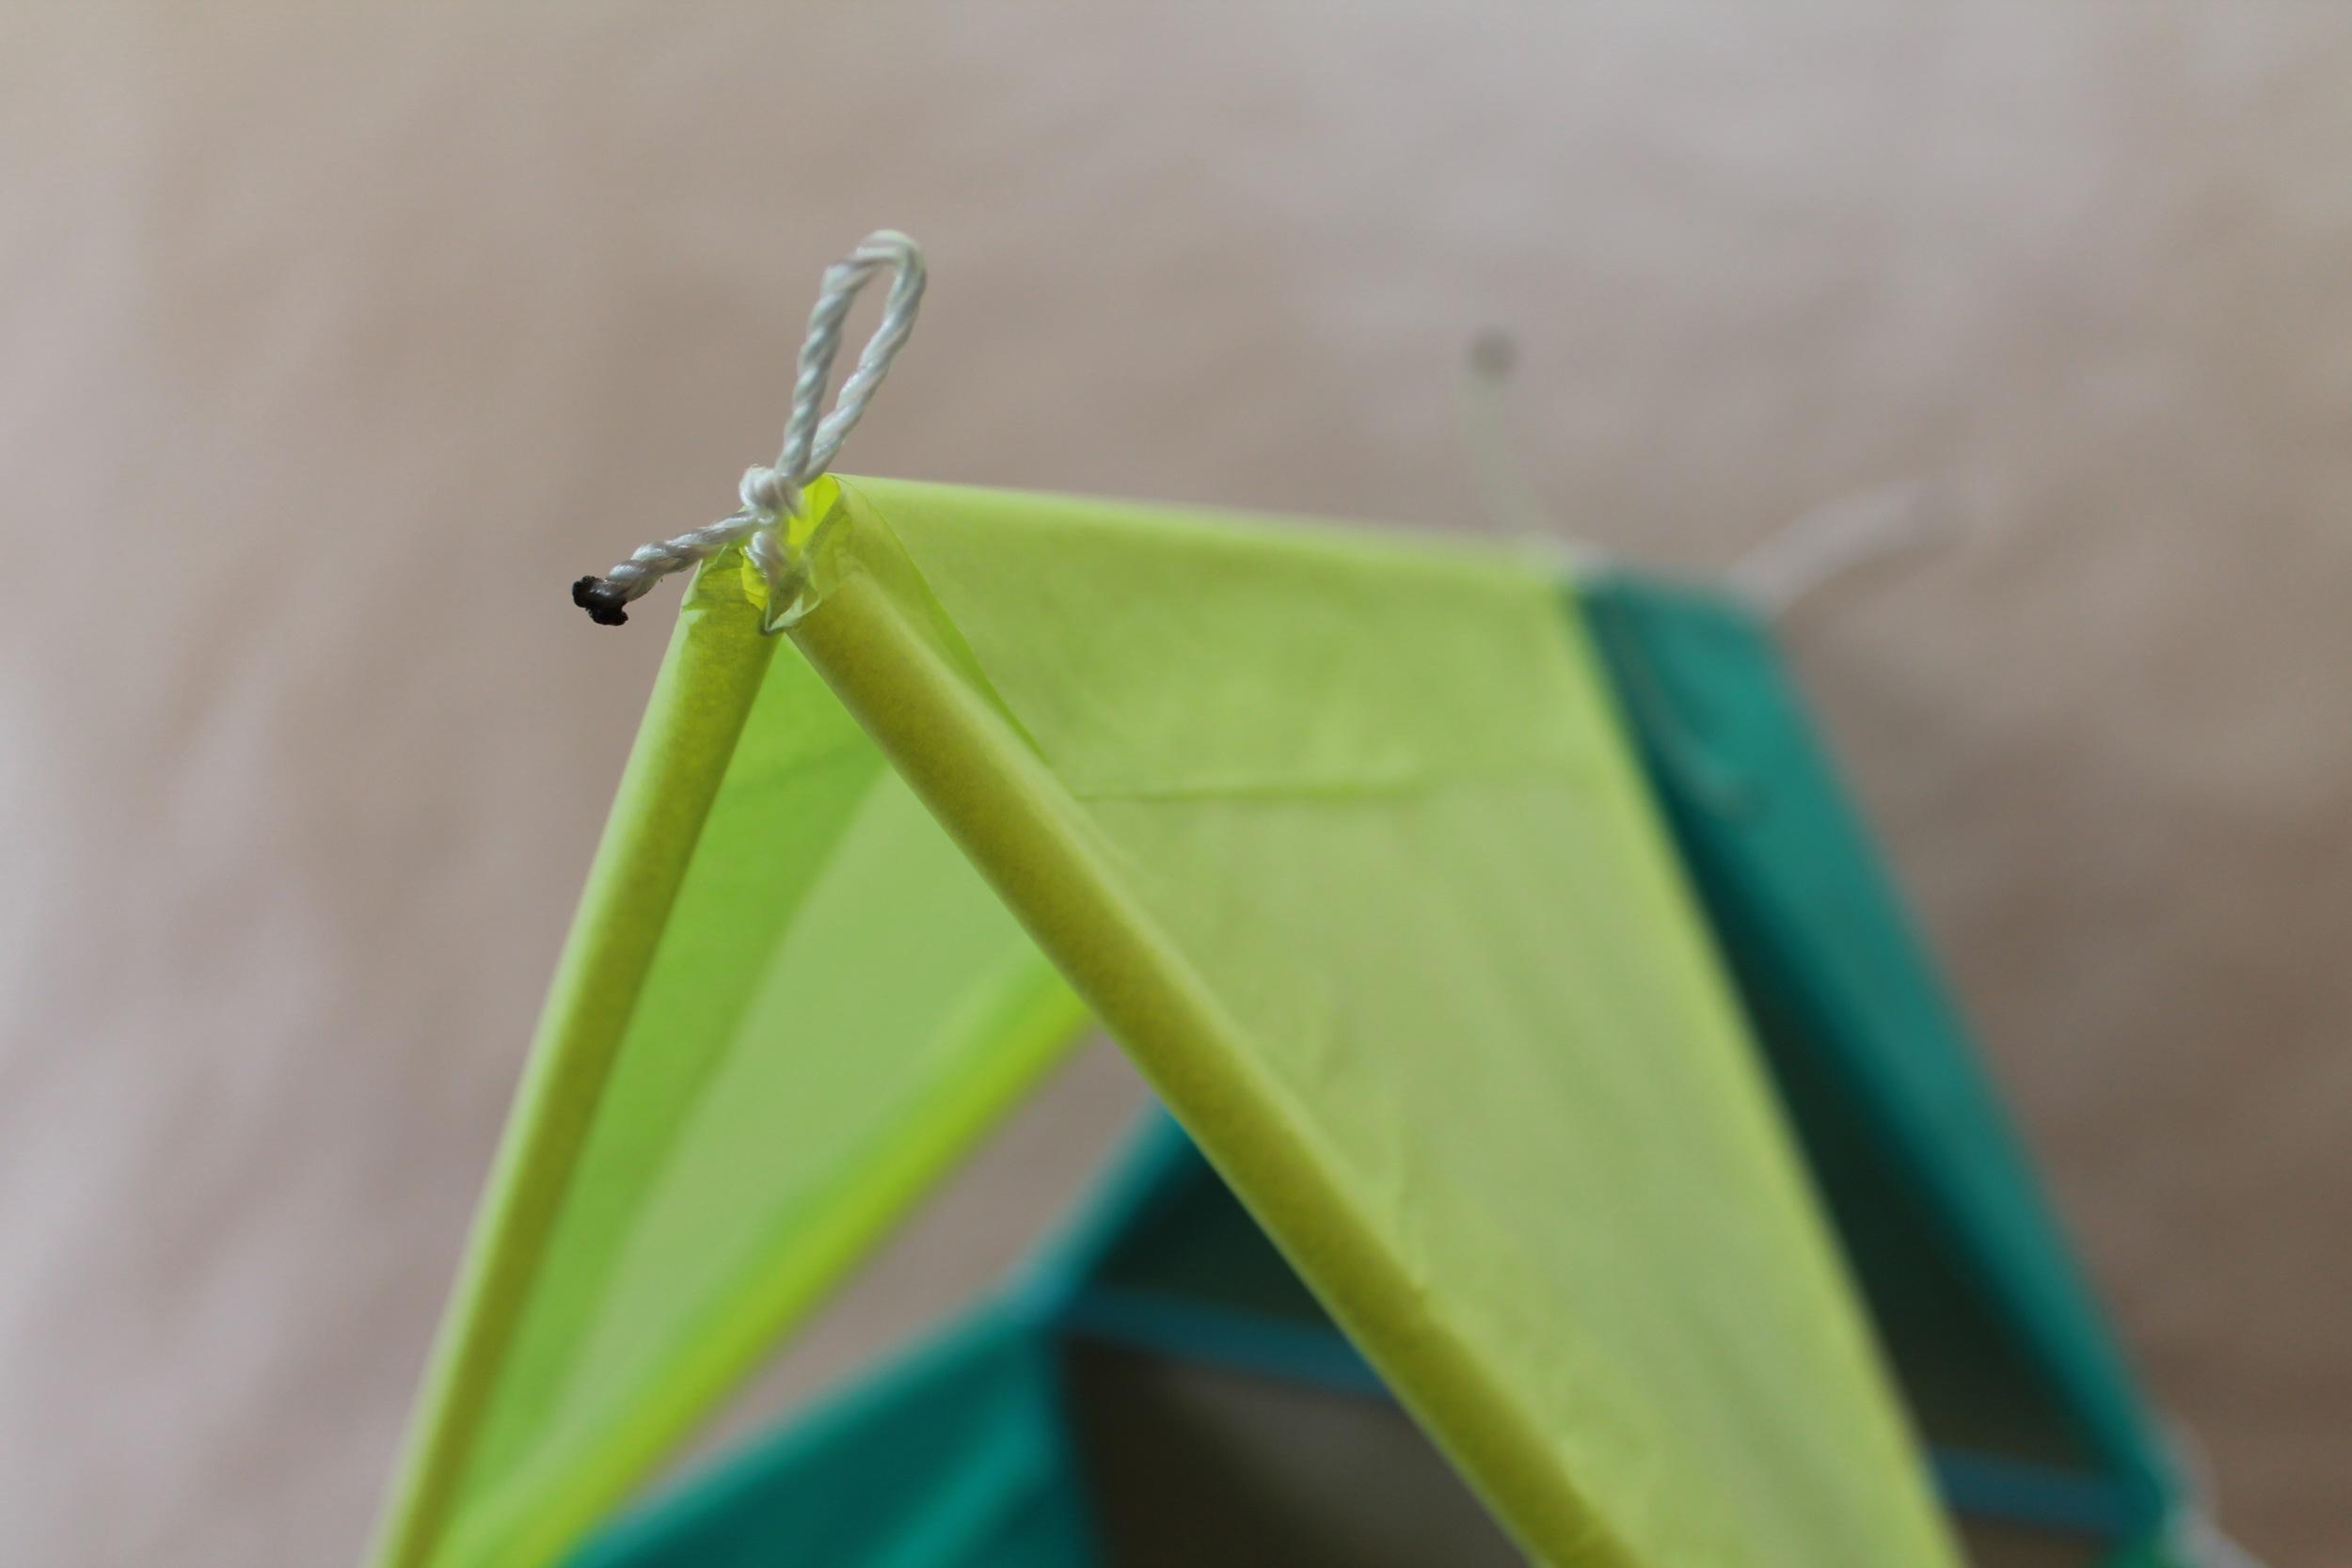 tetra kite steps23 copy.jpg